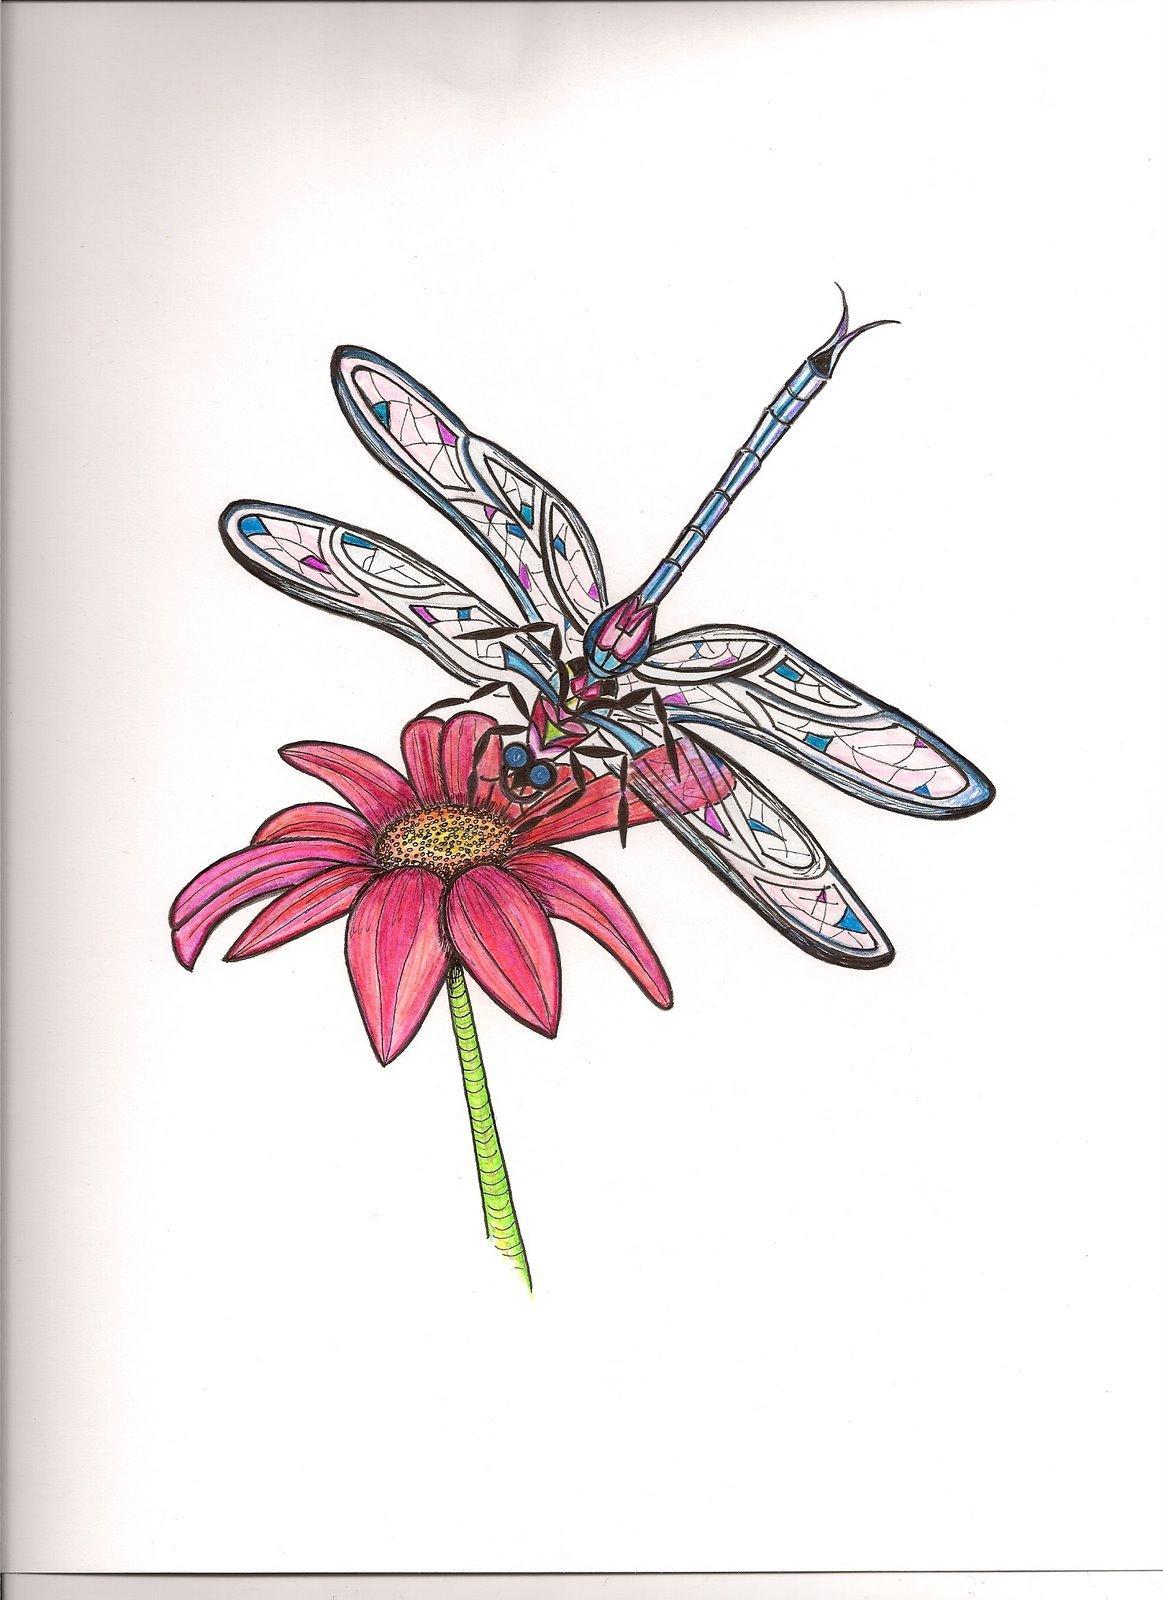 Daisy flower tattoo with dragonfly izmirmasajfo